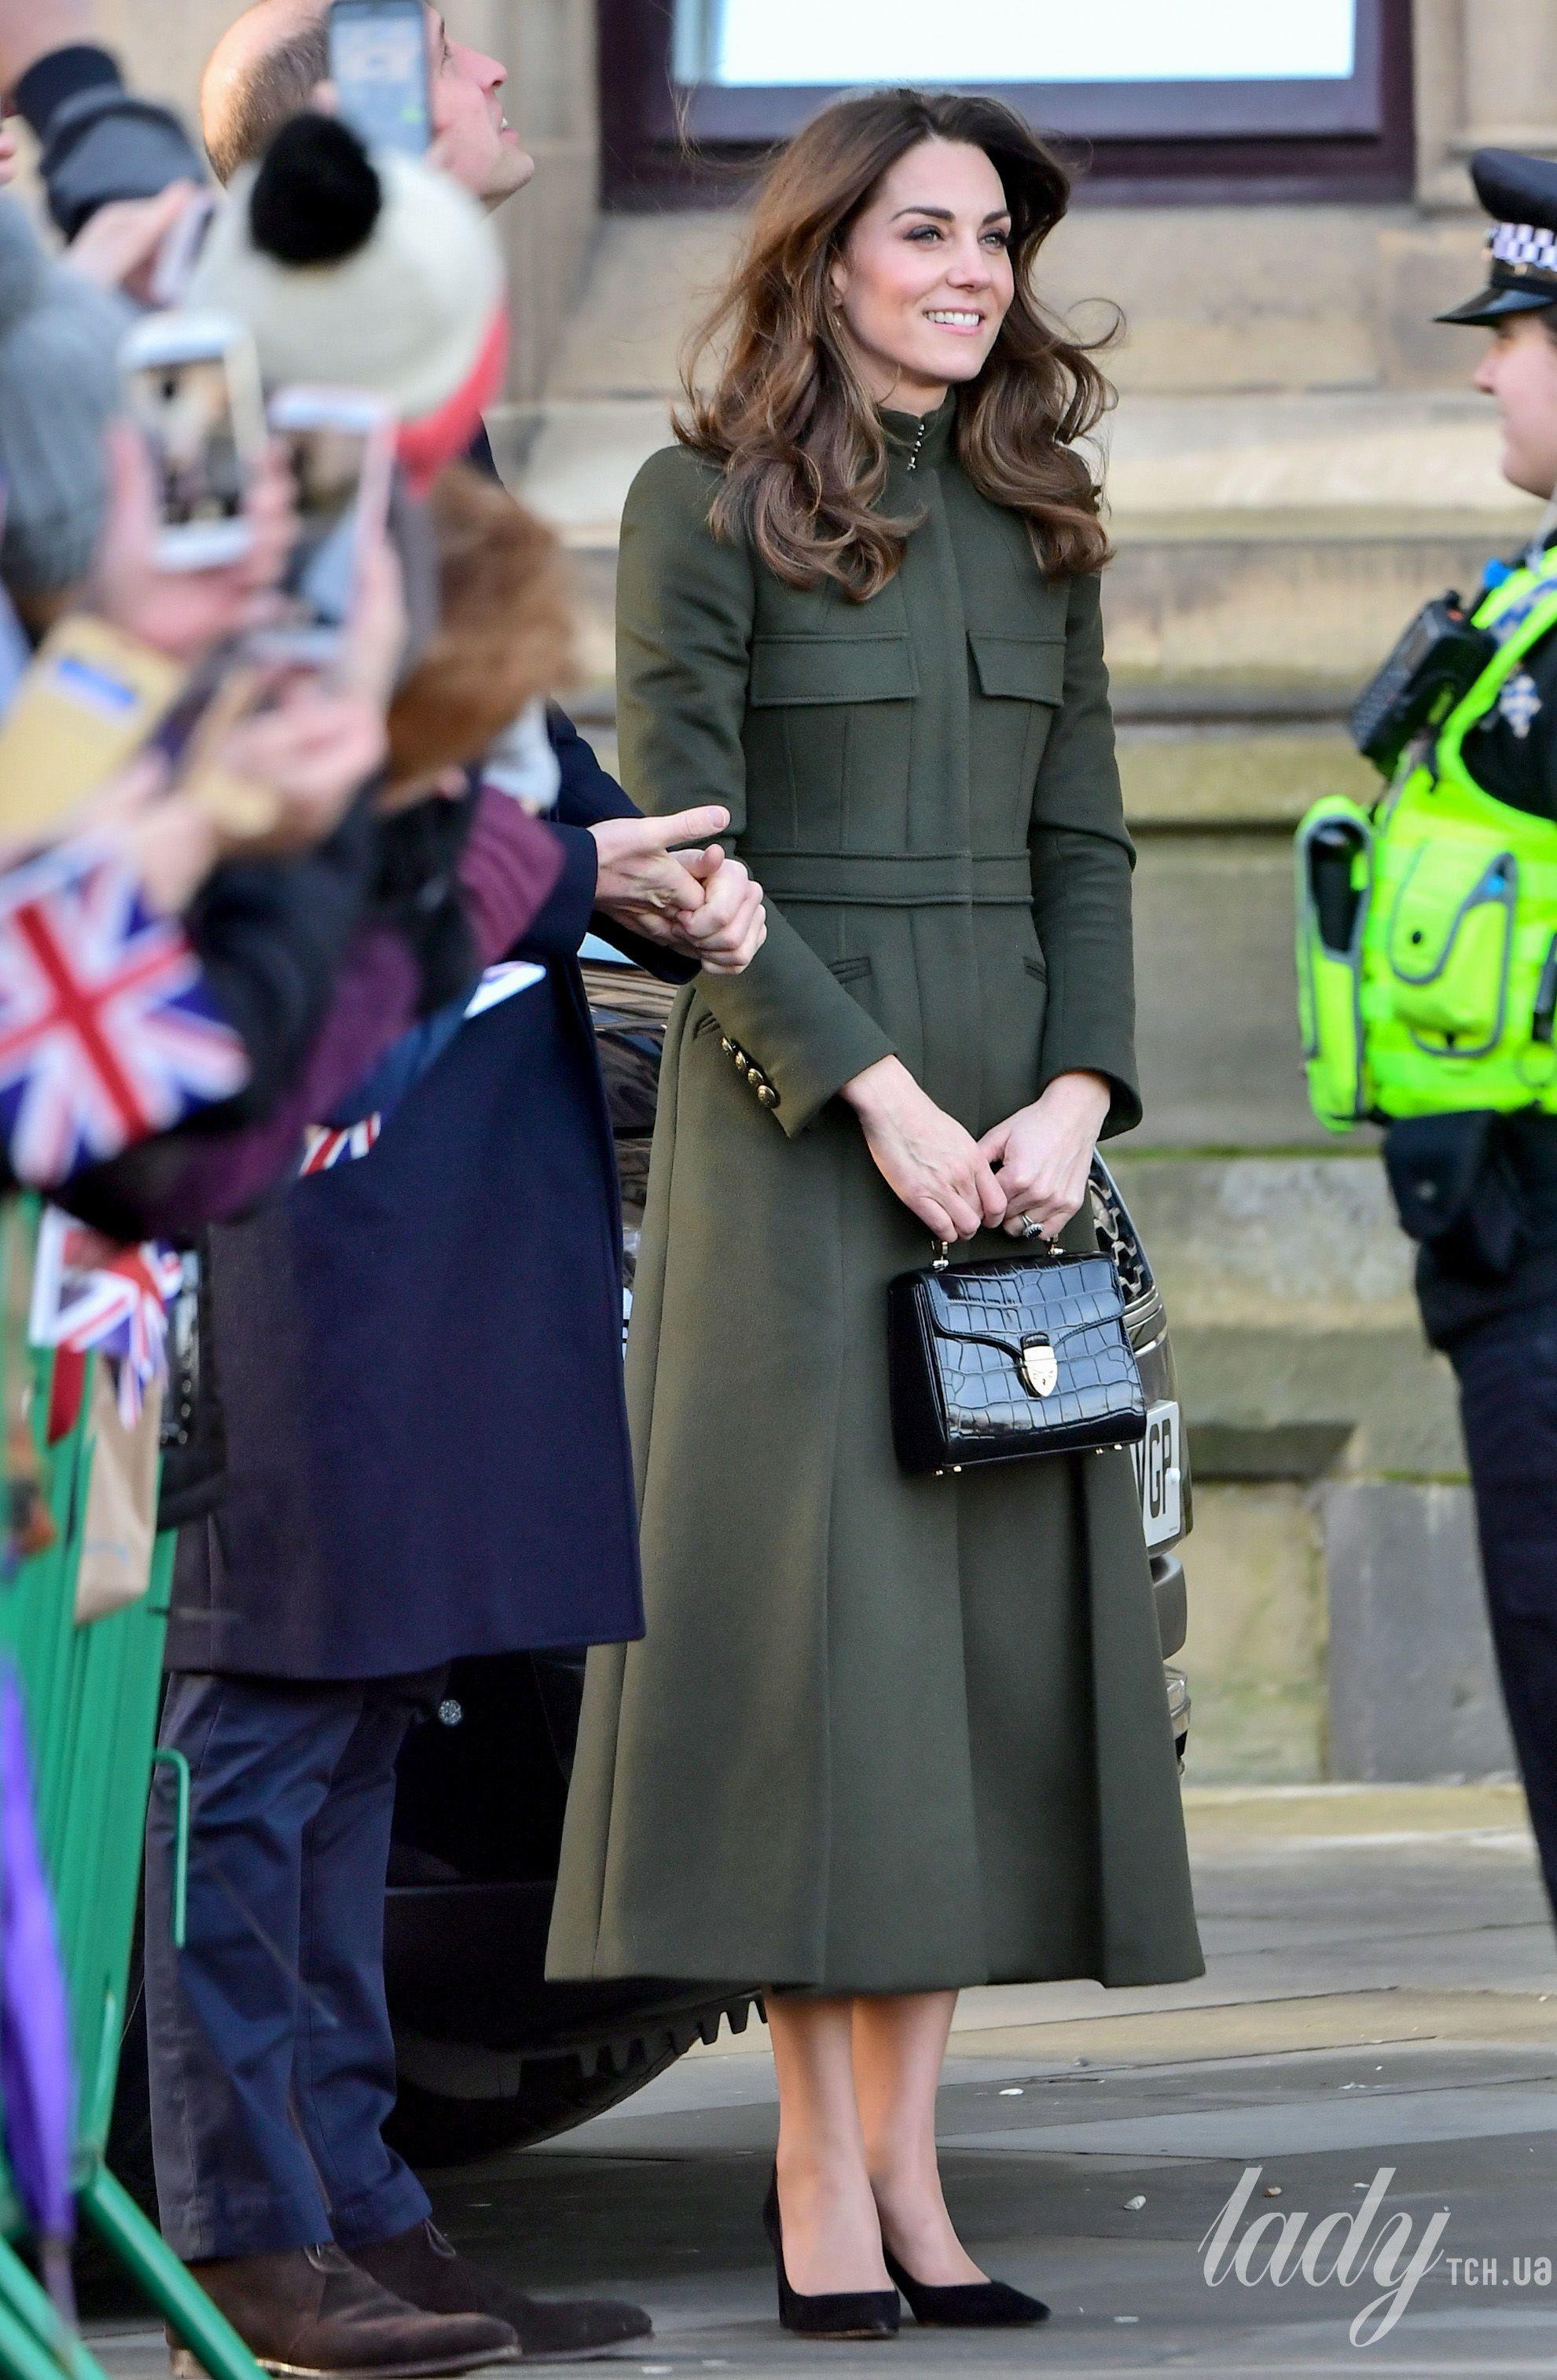 приверженец религии герцогиня кембриджская последние новости фото статье собраны полезные